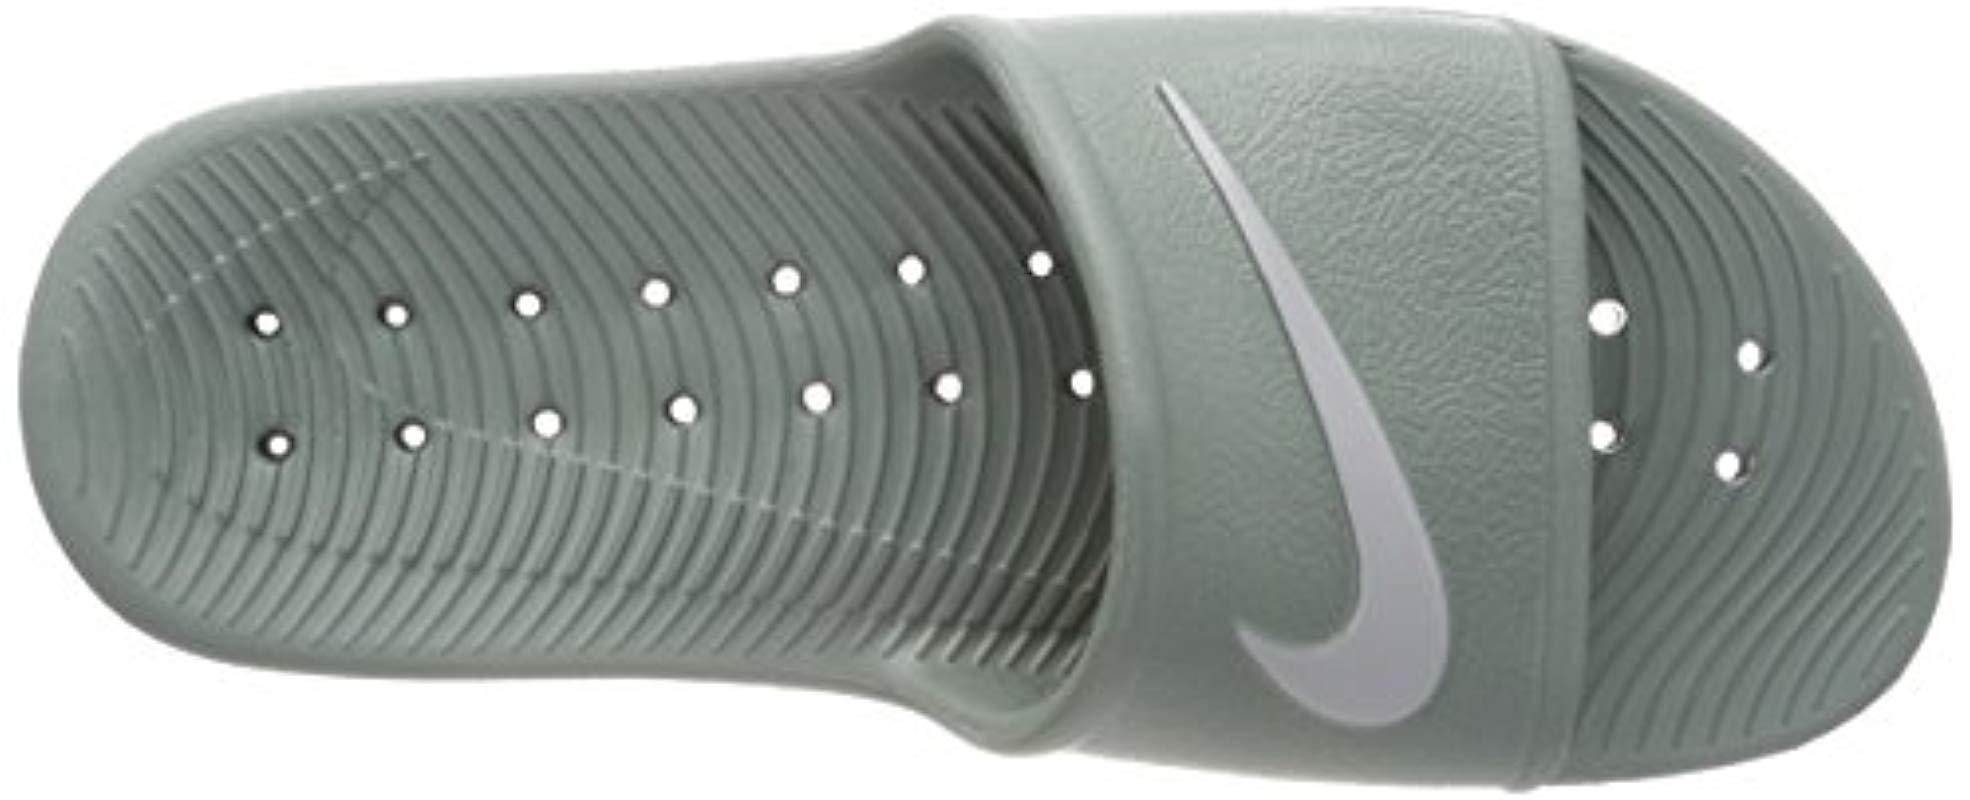 Kawa Shower, Chaussures de Plage et Piscine Homme Nike pour homme ...